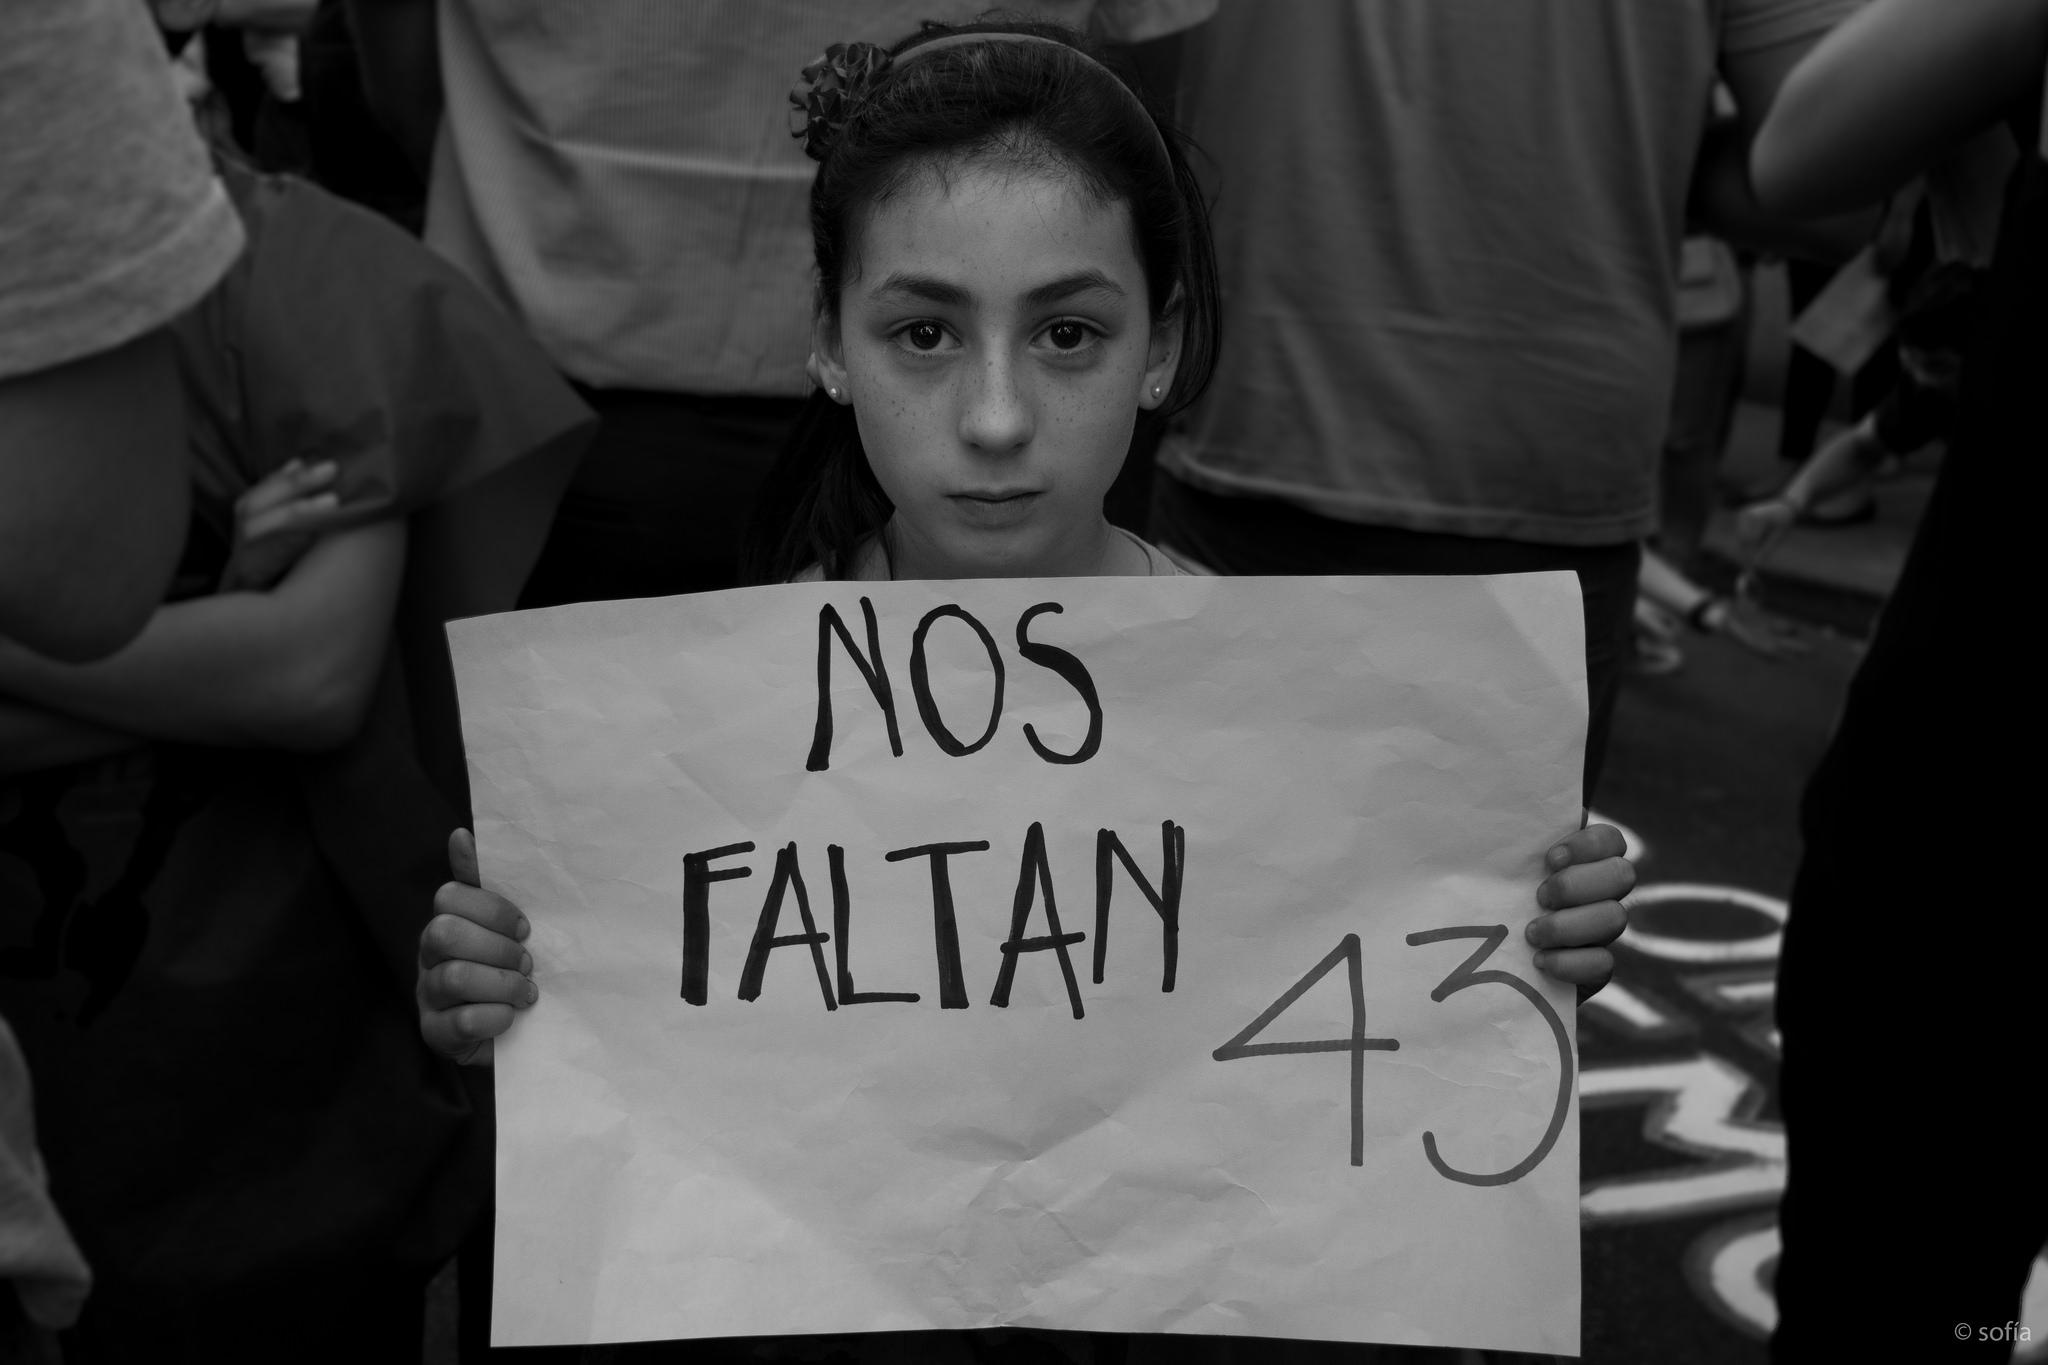 Marcha contra la detención y desaparición de los 43 normalistas de Ayotzinapa, en Montevideo, Uruguay.  Noviembre 17, 2014. Foto tomada de la cuenta de Sofía González en Flickr bajo licencia Creative Commons.